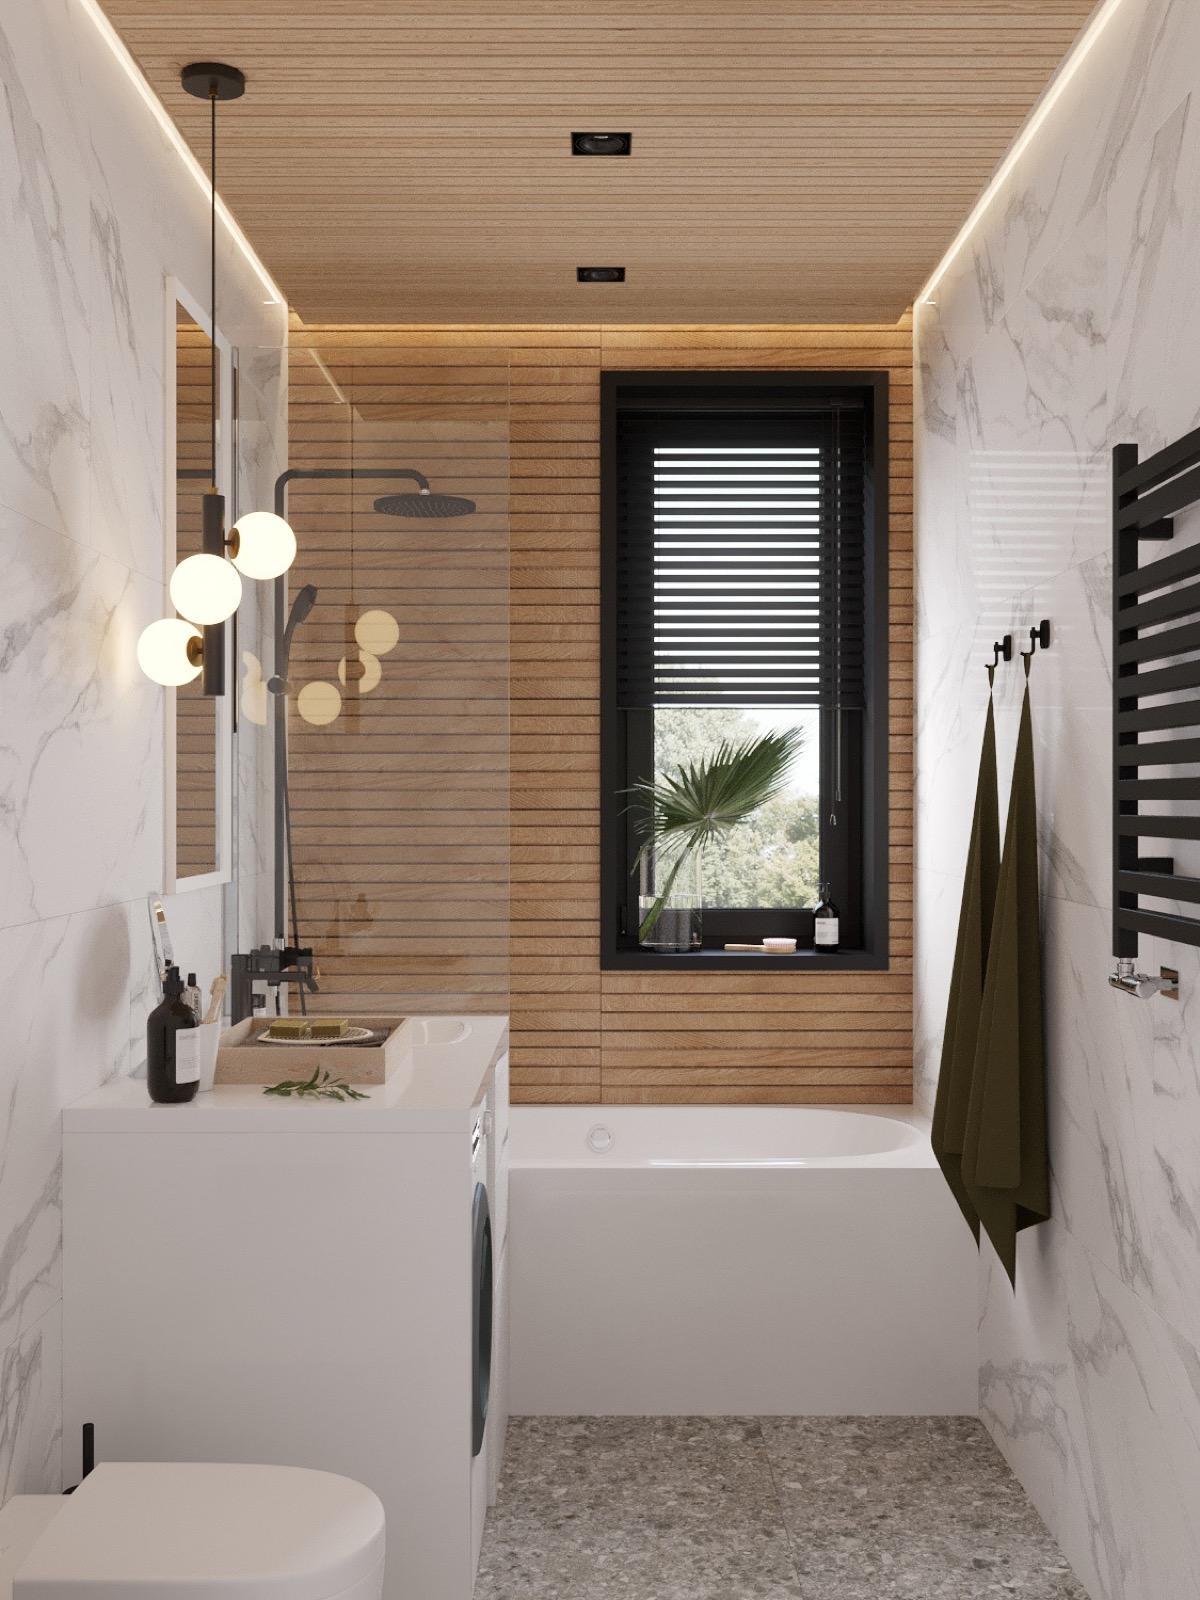 温暖的木板墙营造出215平舒适的住宅空间